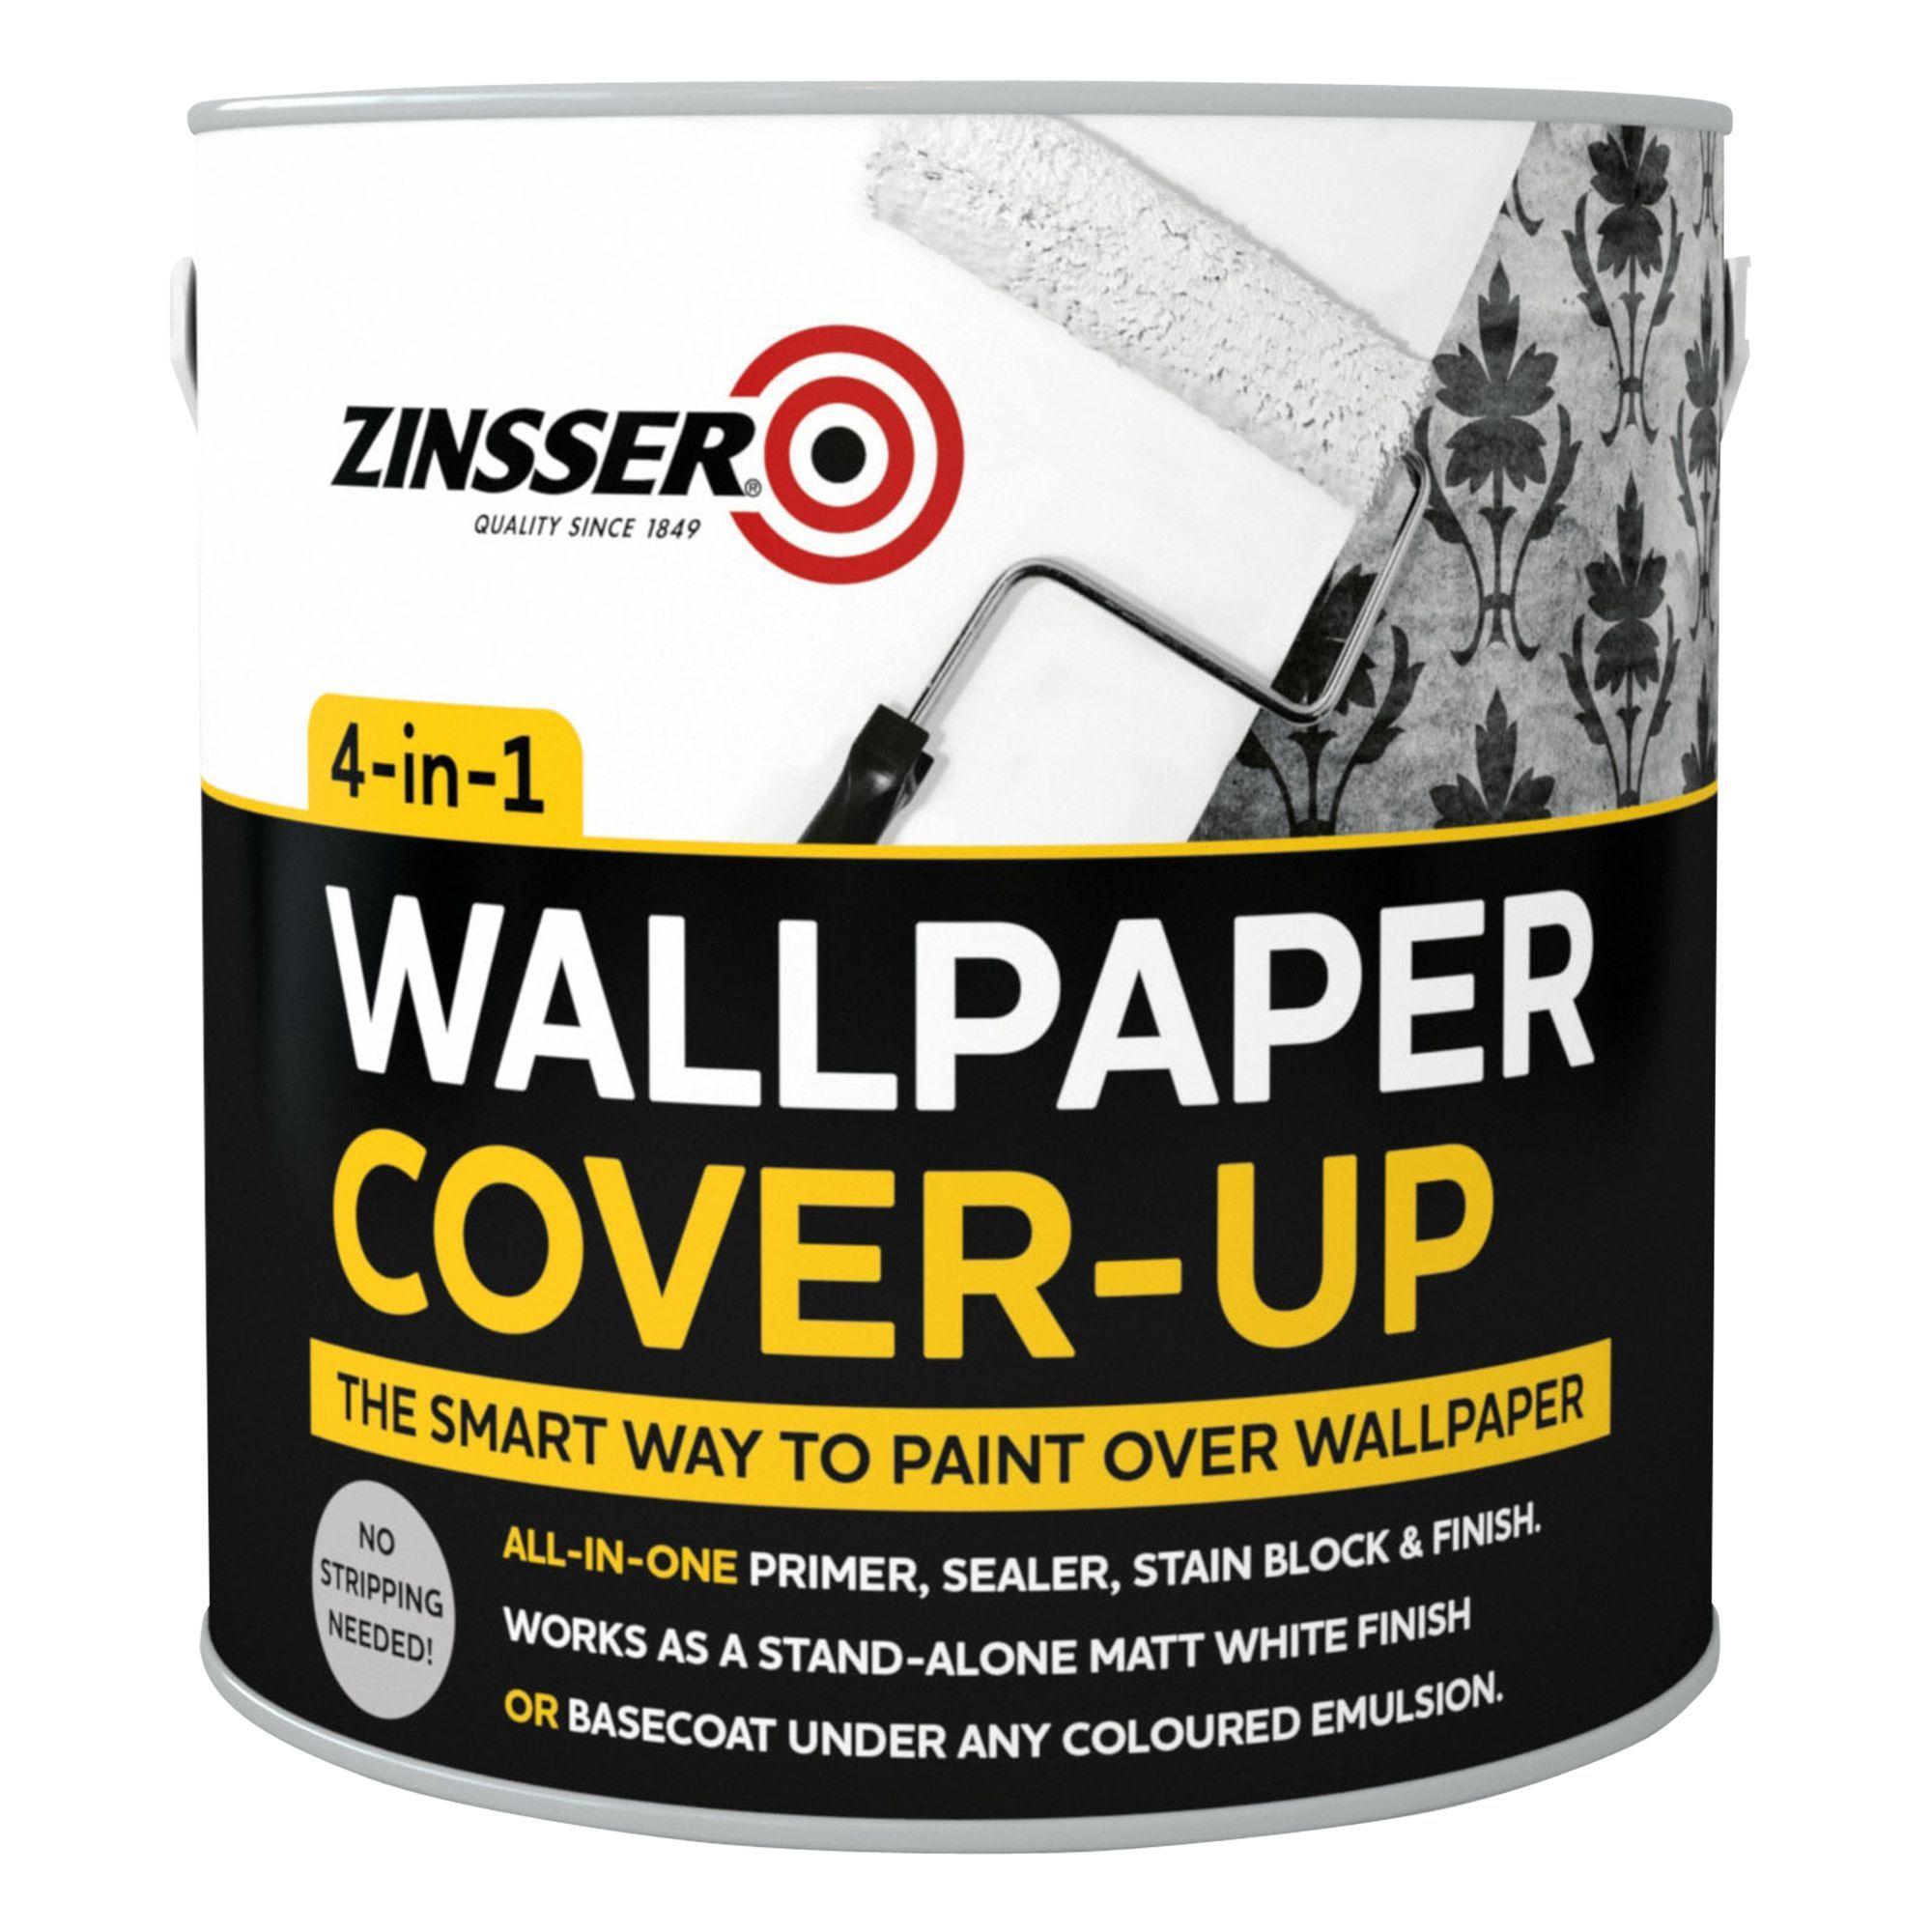 Zinsser BIN Off White Matt Wallpaper Cover Up Paint